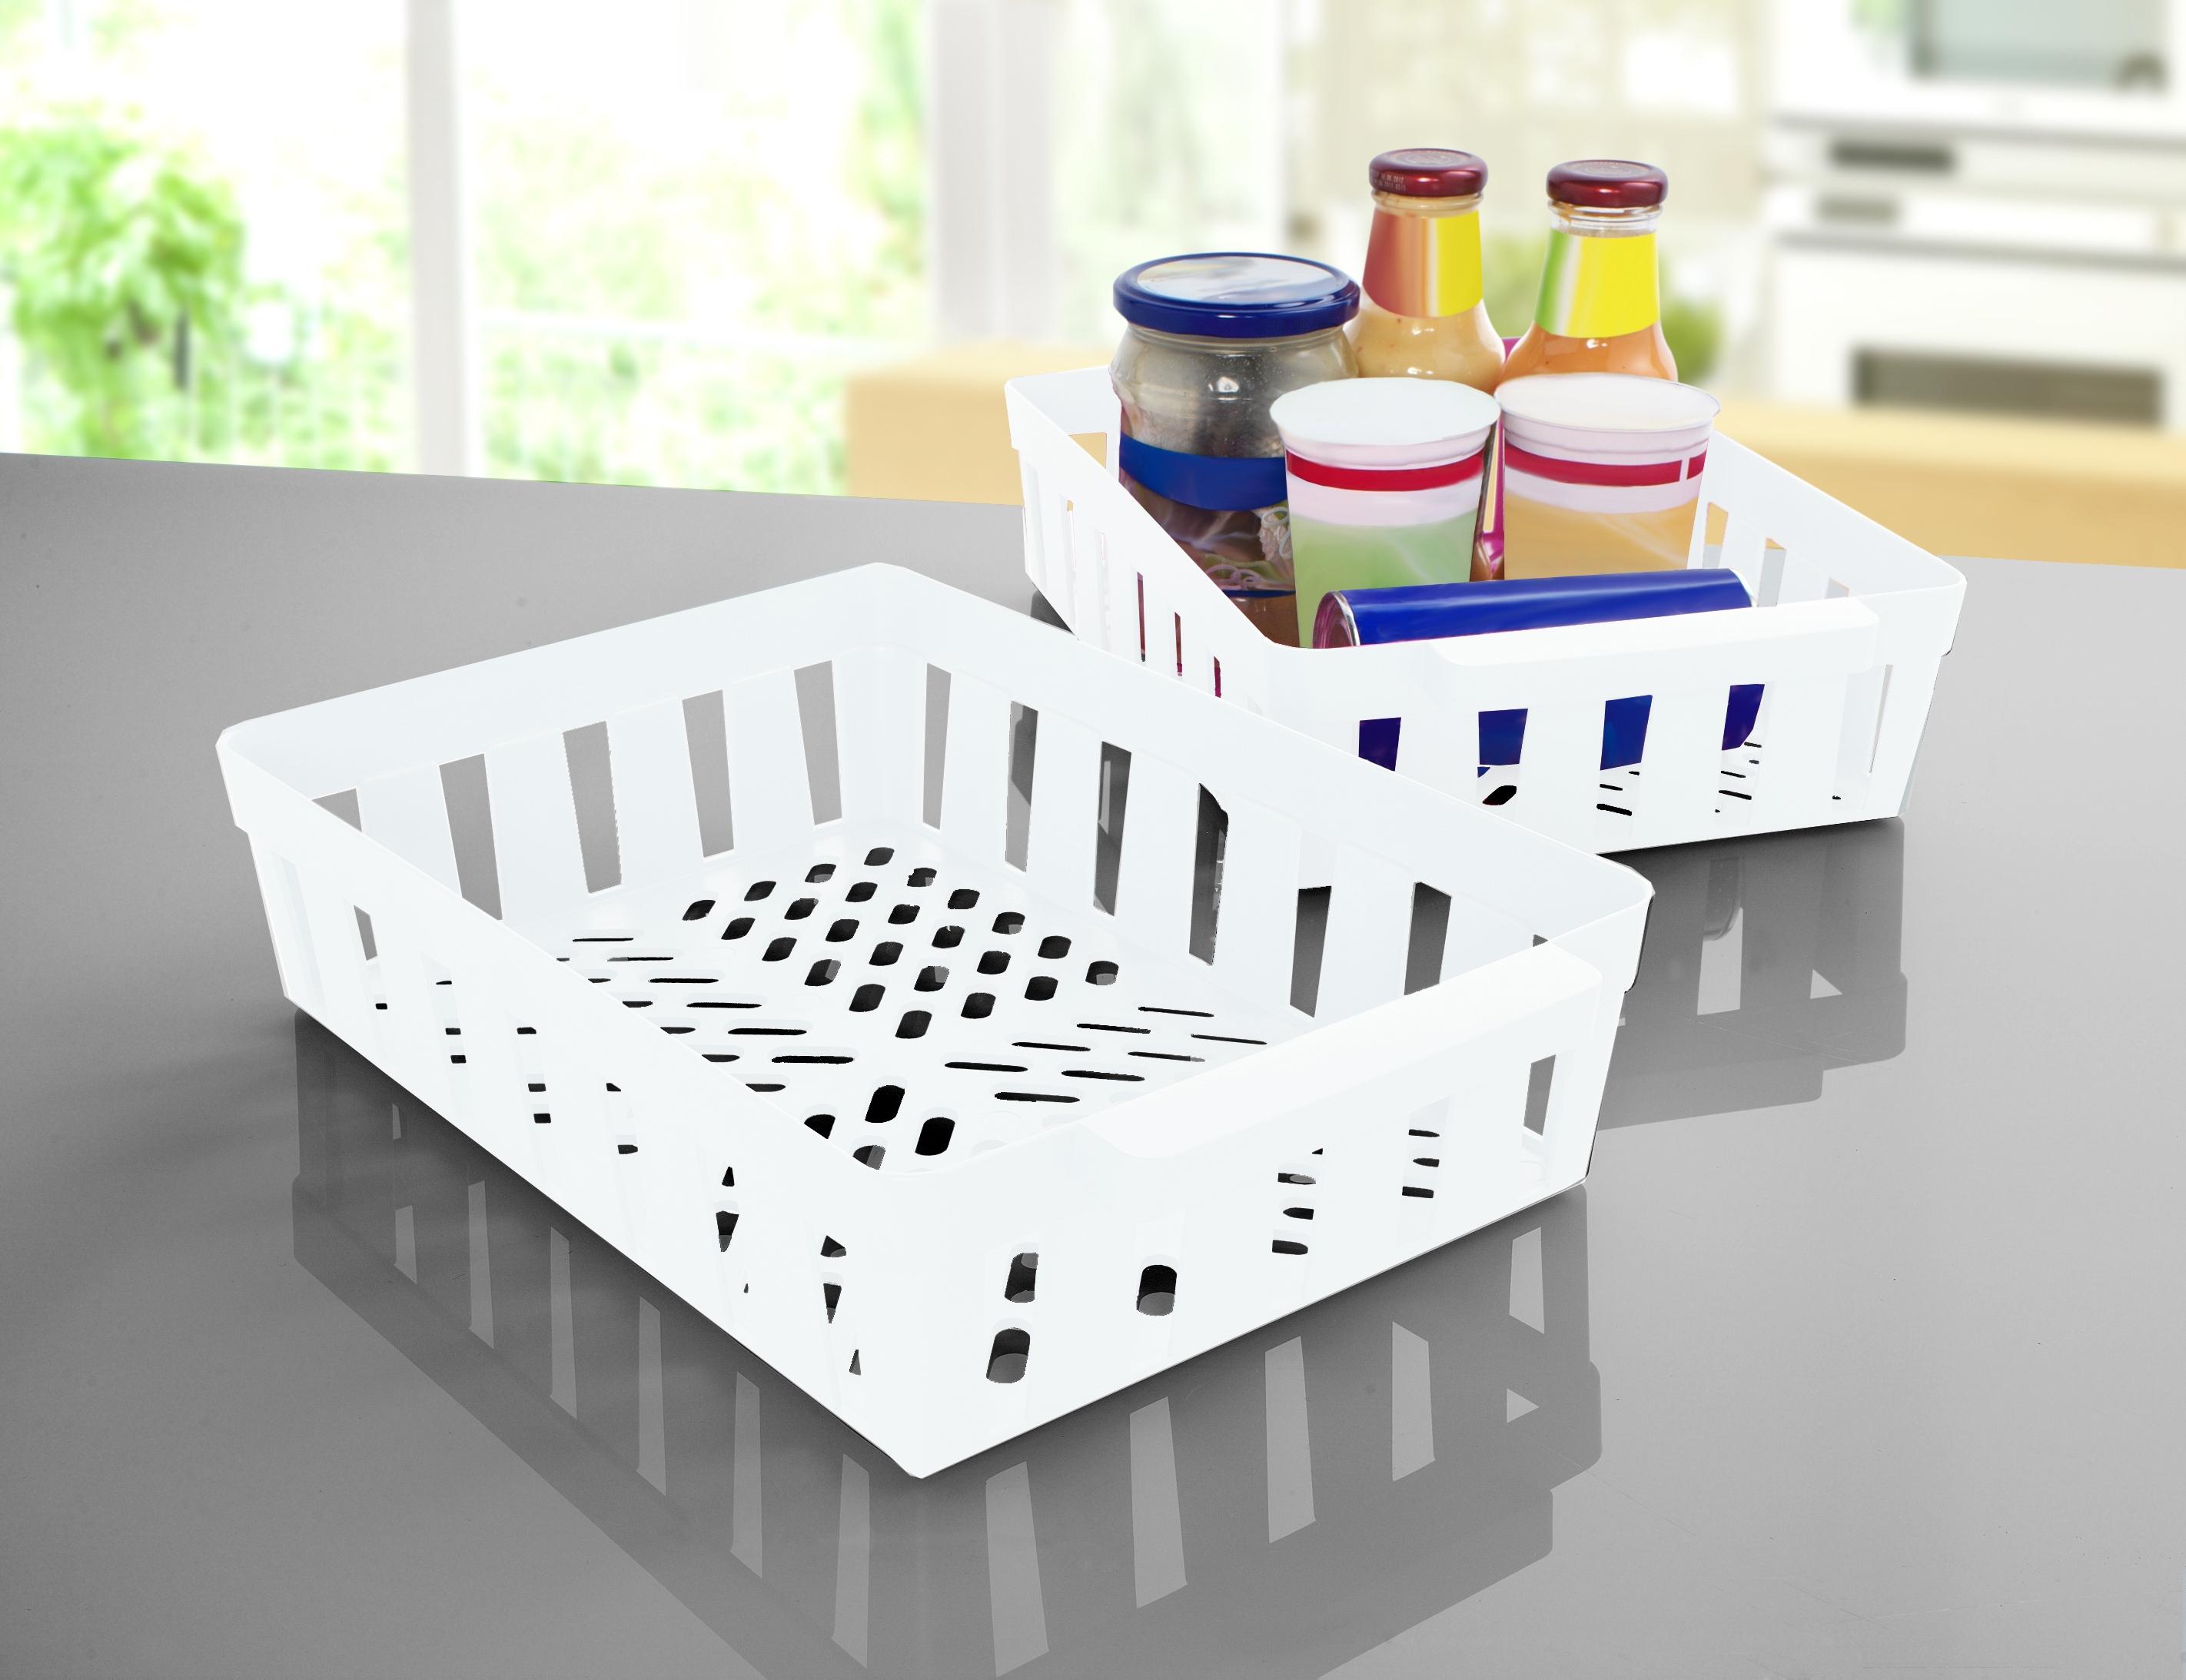 Ruco Aufbewahrungskorb, (Set, 4 St.), für den Kühlschrank, Kunststoff weiß Küchen-Ordnungshelfer Küchenhelfer Küche Aufbewahrungskorb